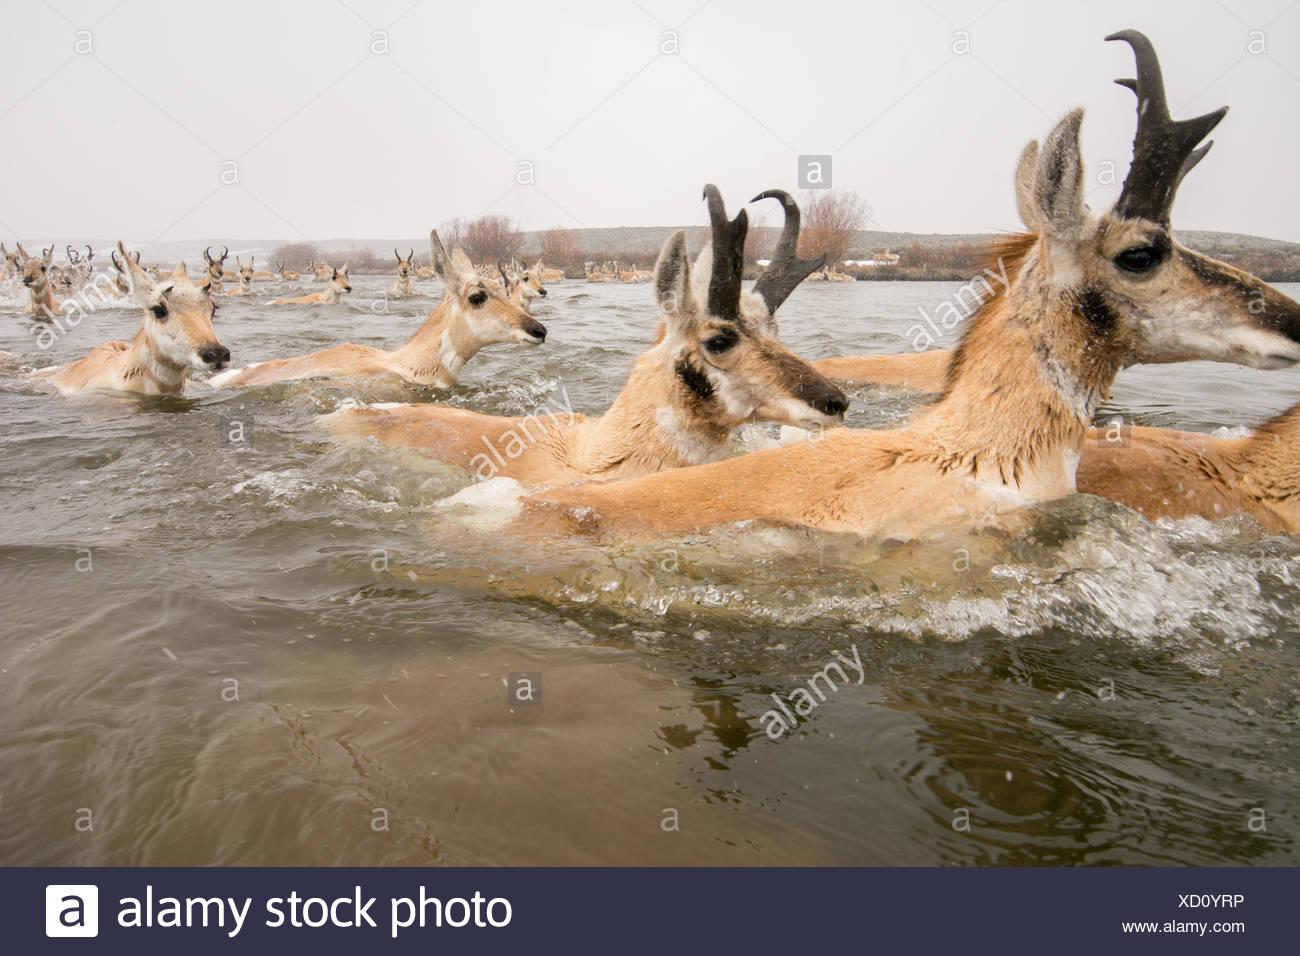 El antílope cruzar un río durante la migración en Wyoming. Imagen De Stock